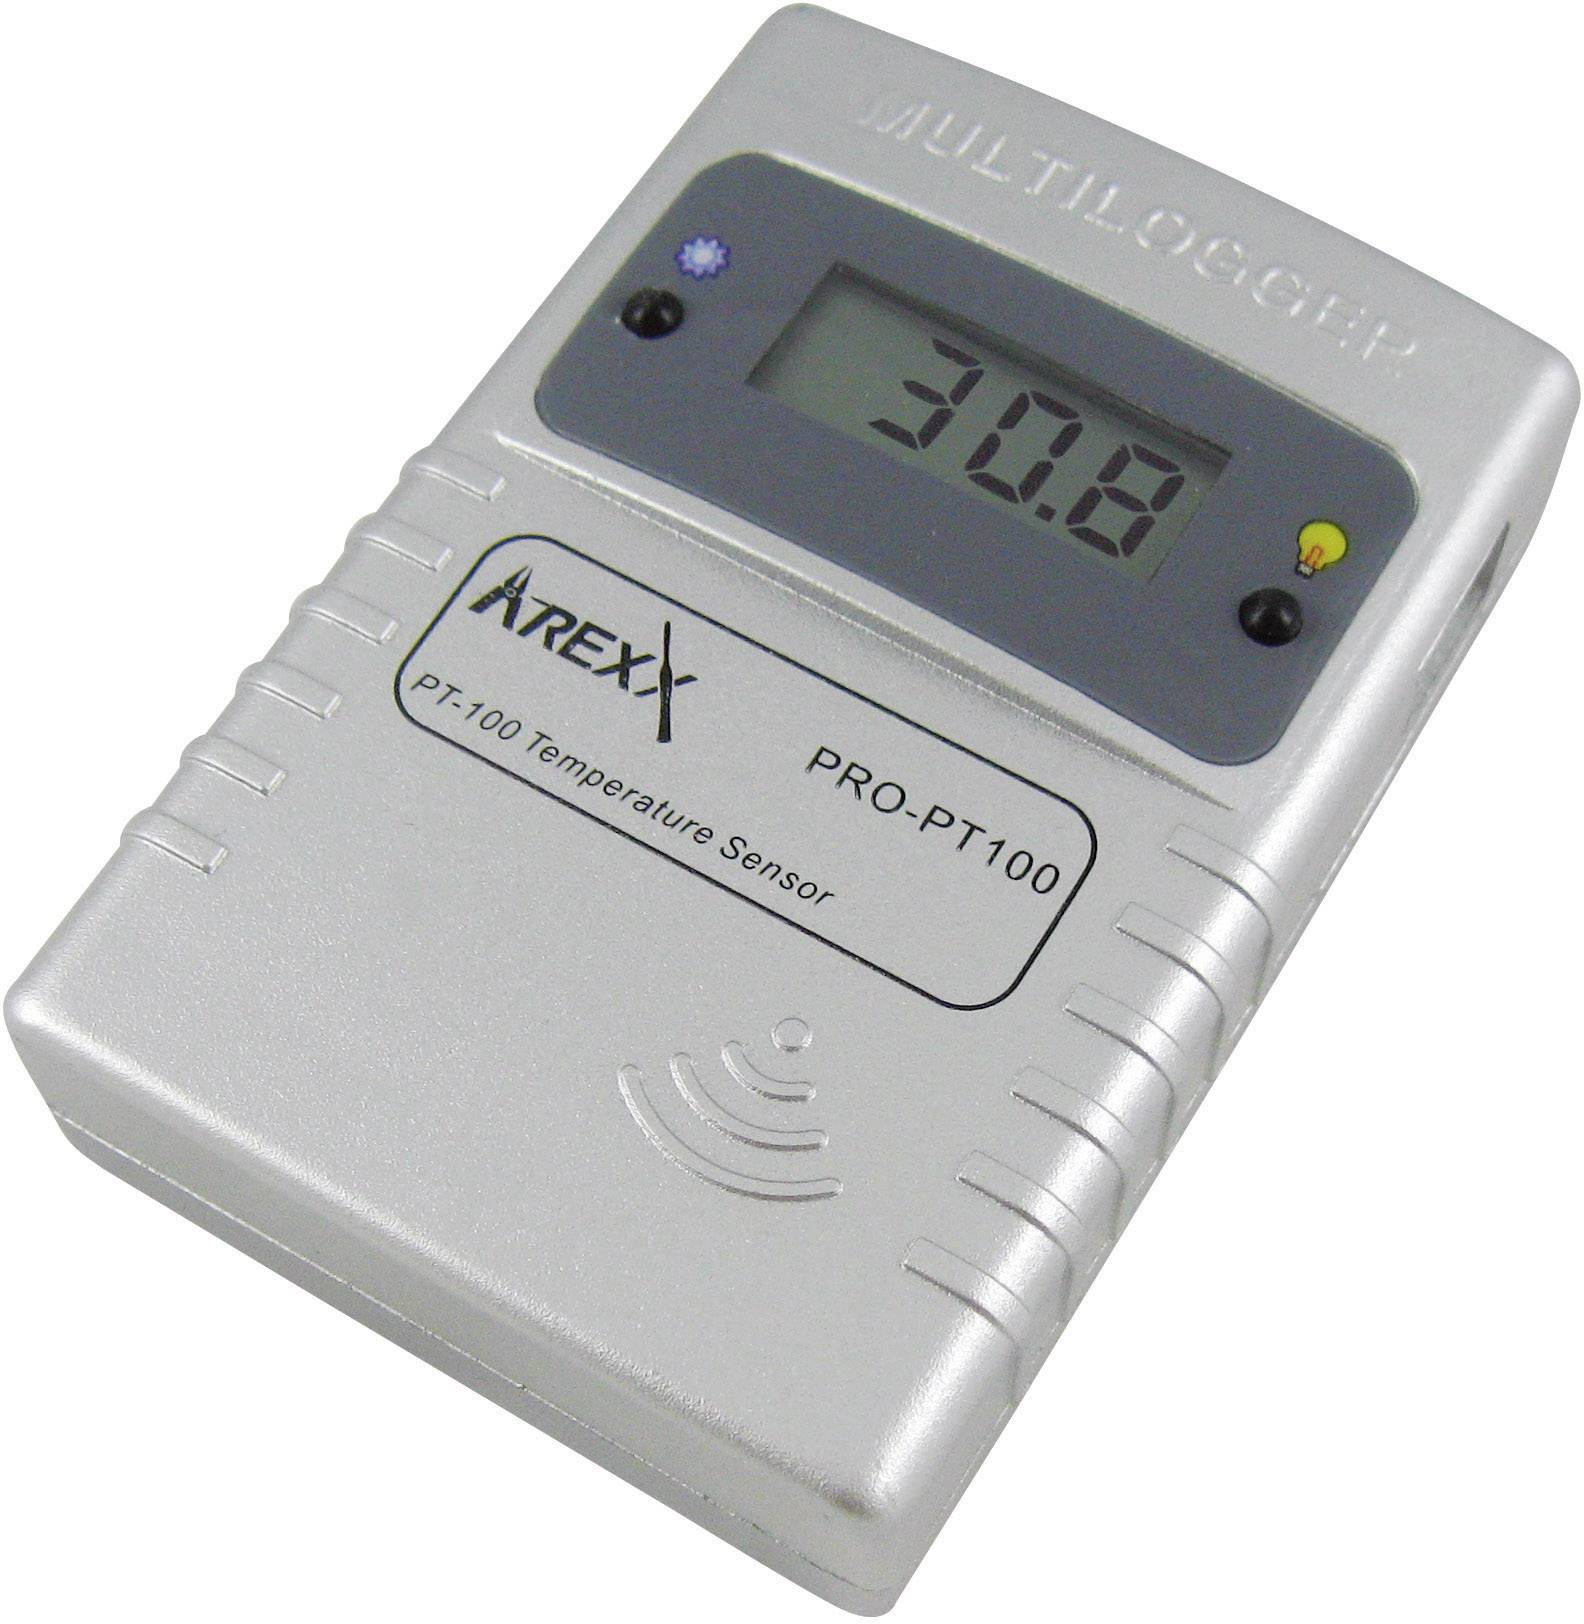 Bezdrátový teplotní senzor PRO-PT100 pro Multiloggery Arexx, -200 až +400 °C